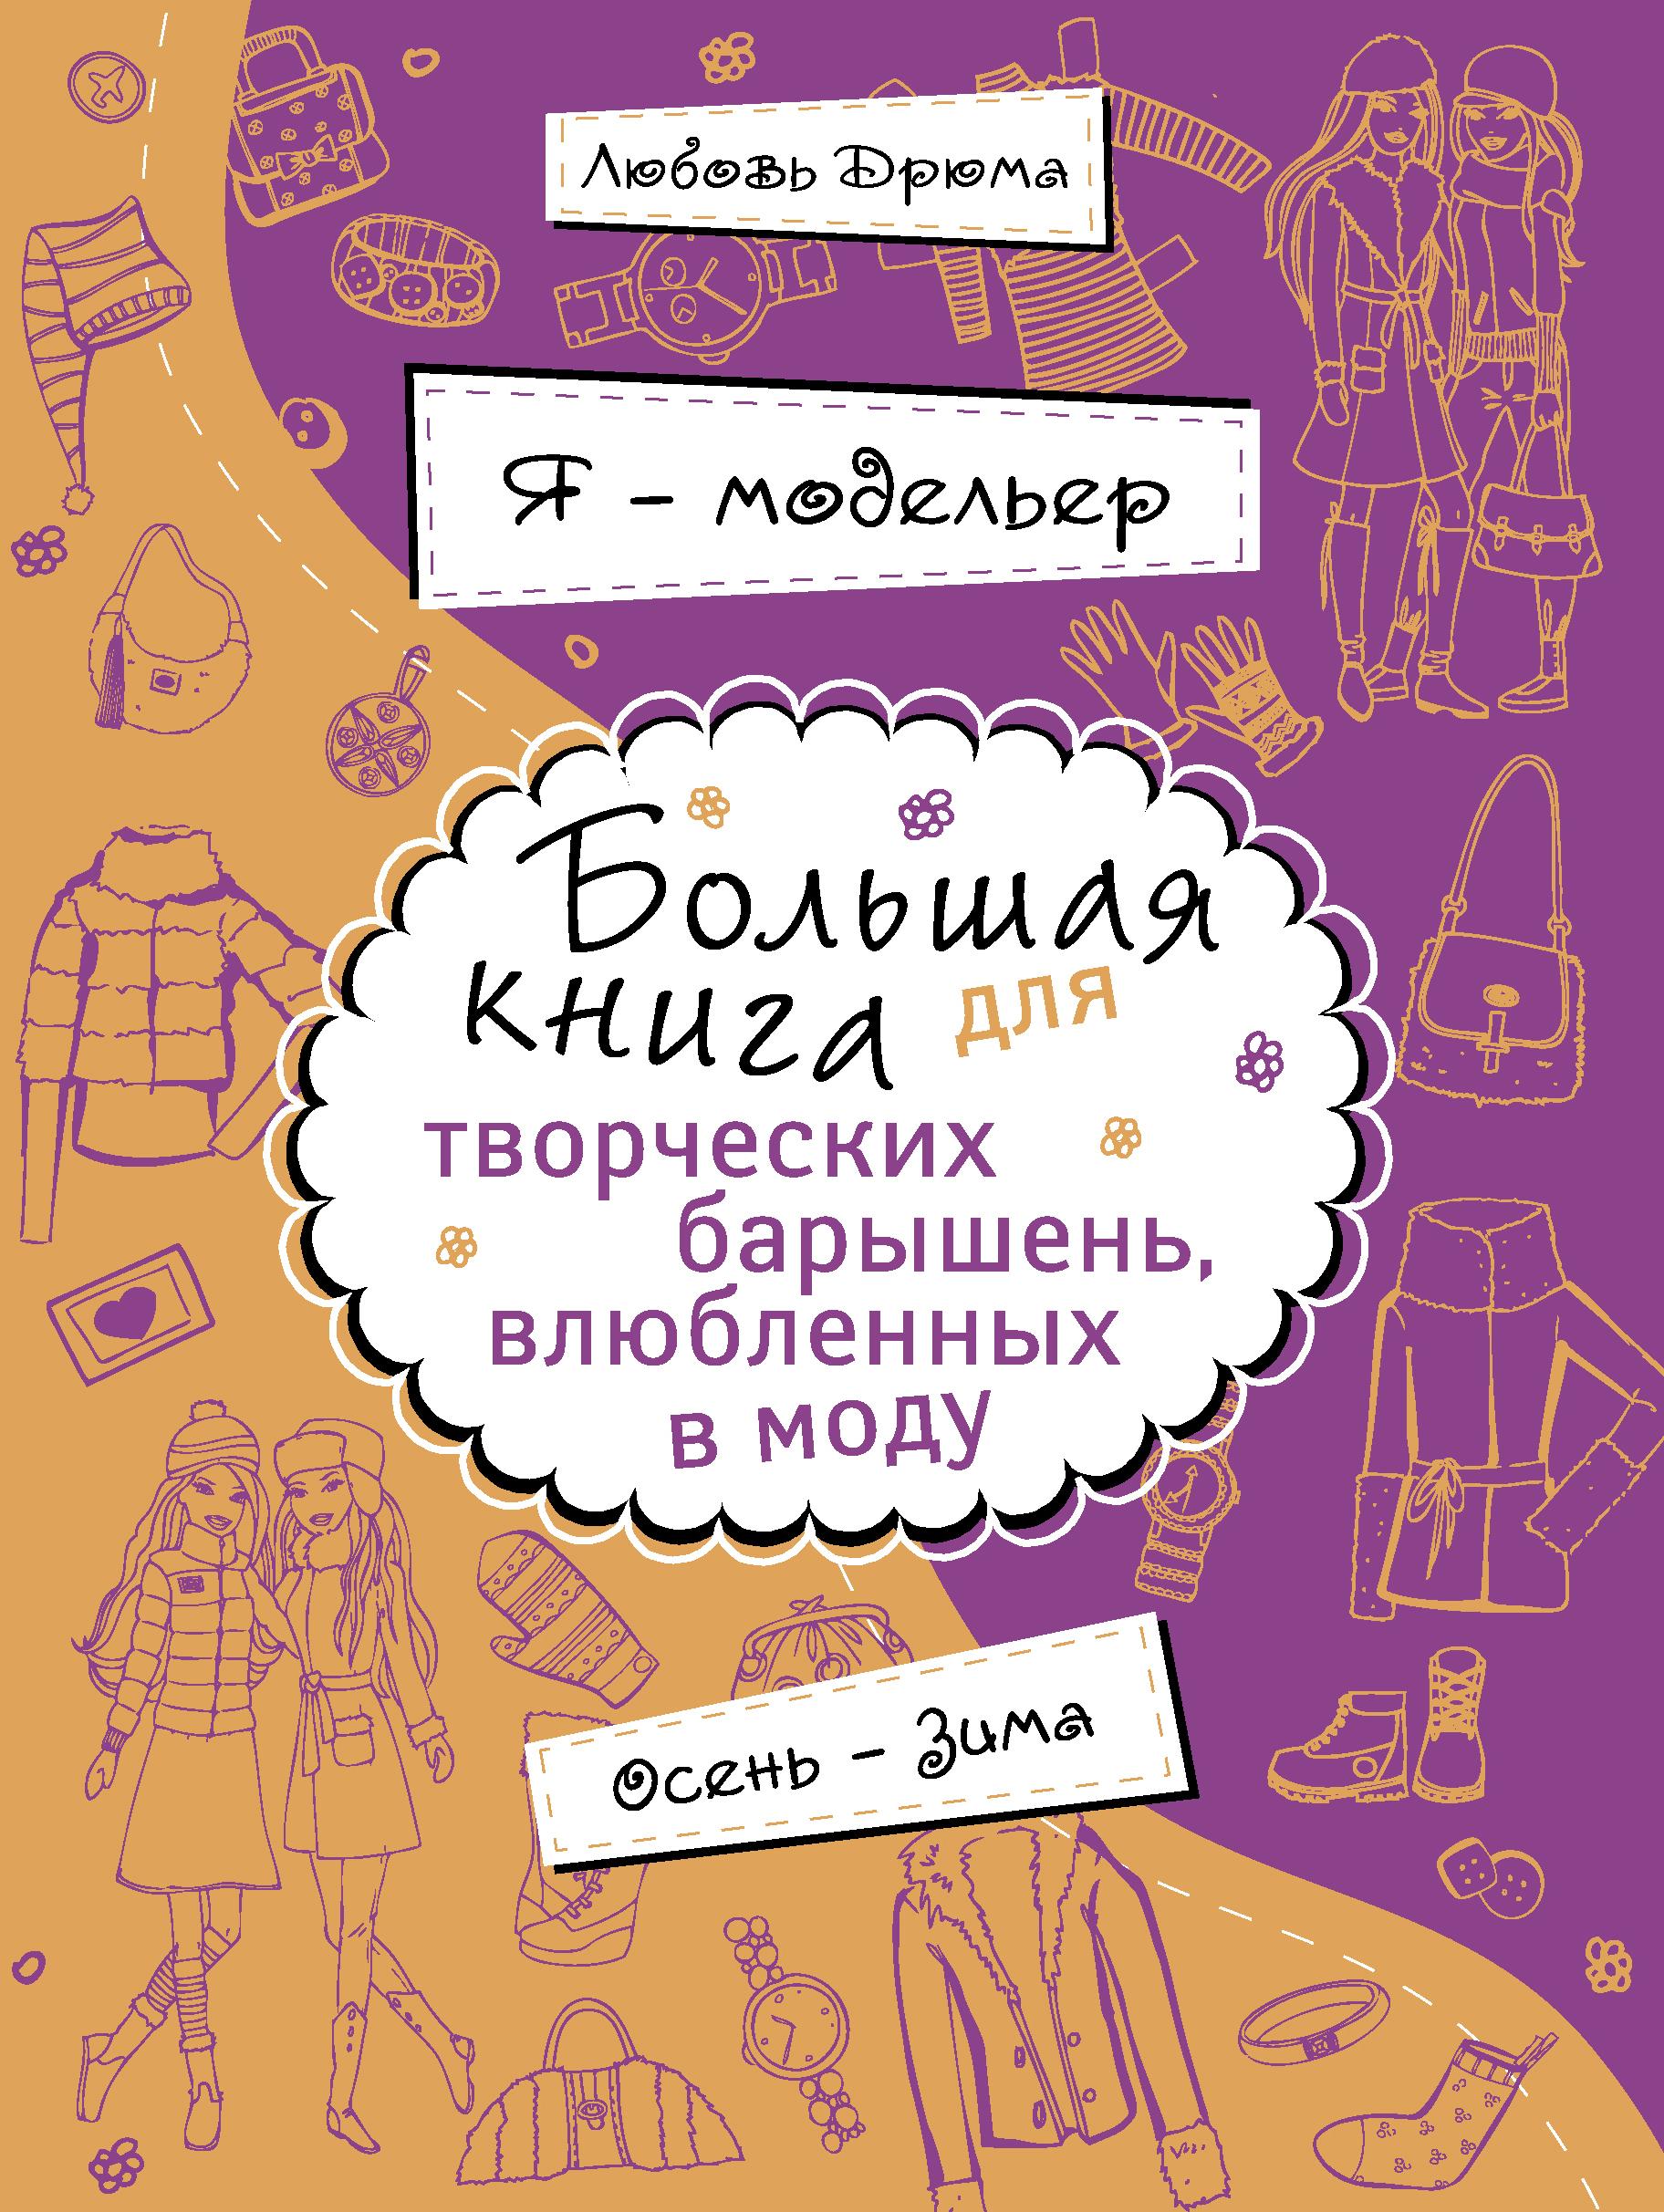 Я – модельер. Большая книга для творческих барышень, влюбленных в моду. Осень-зима